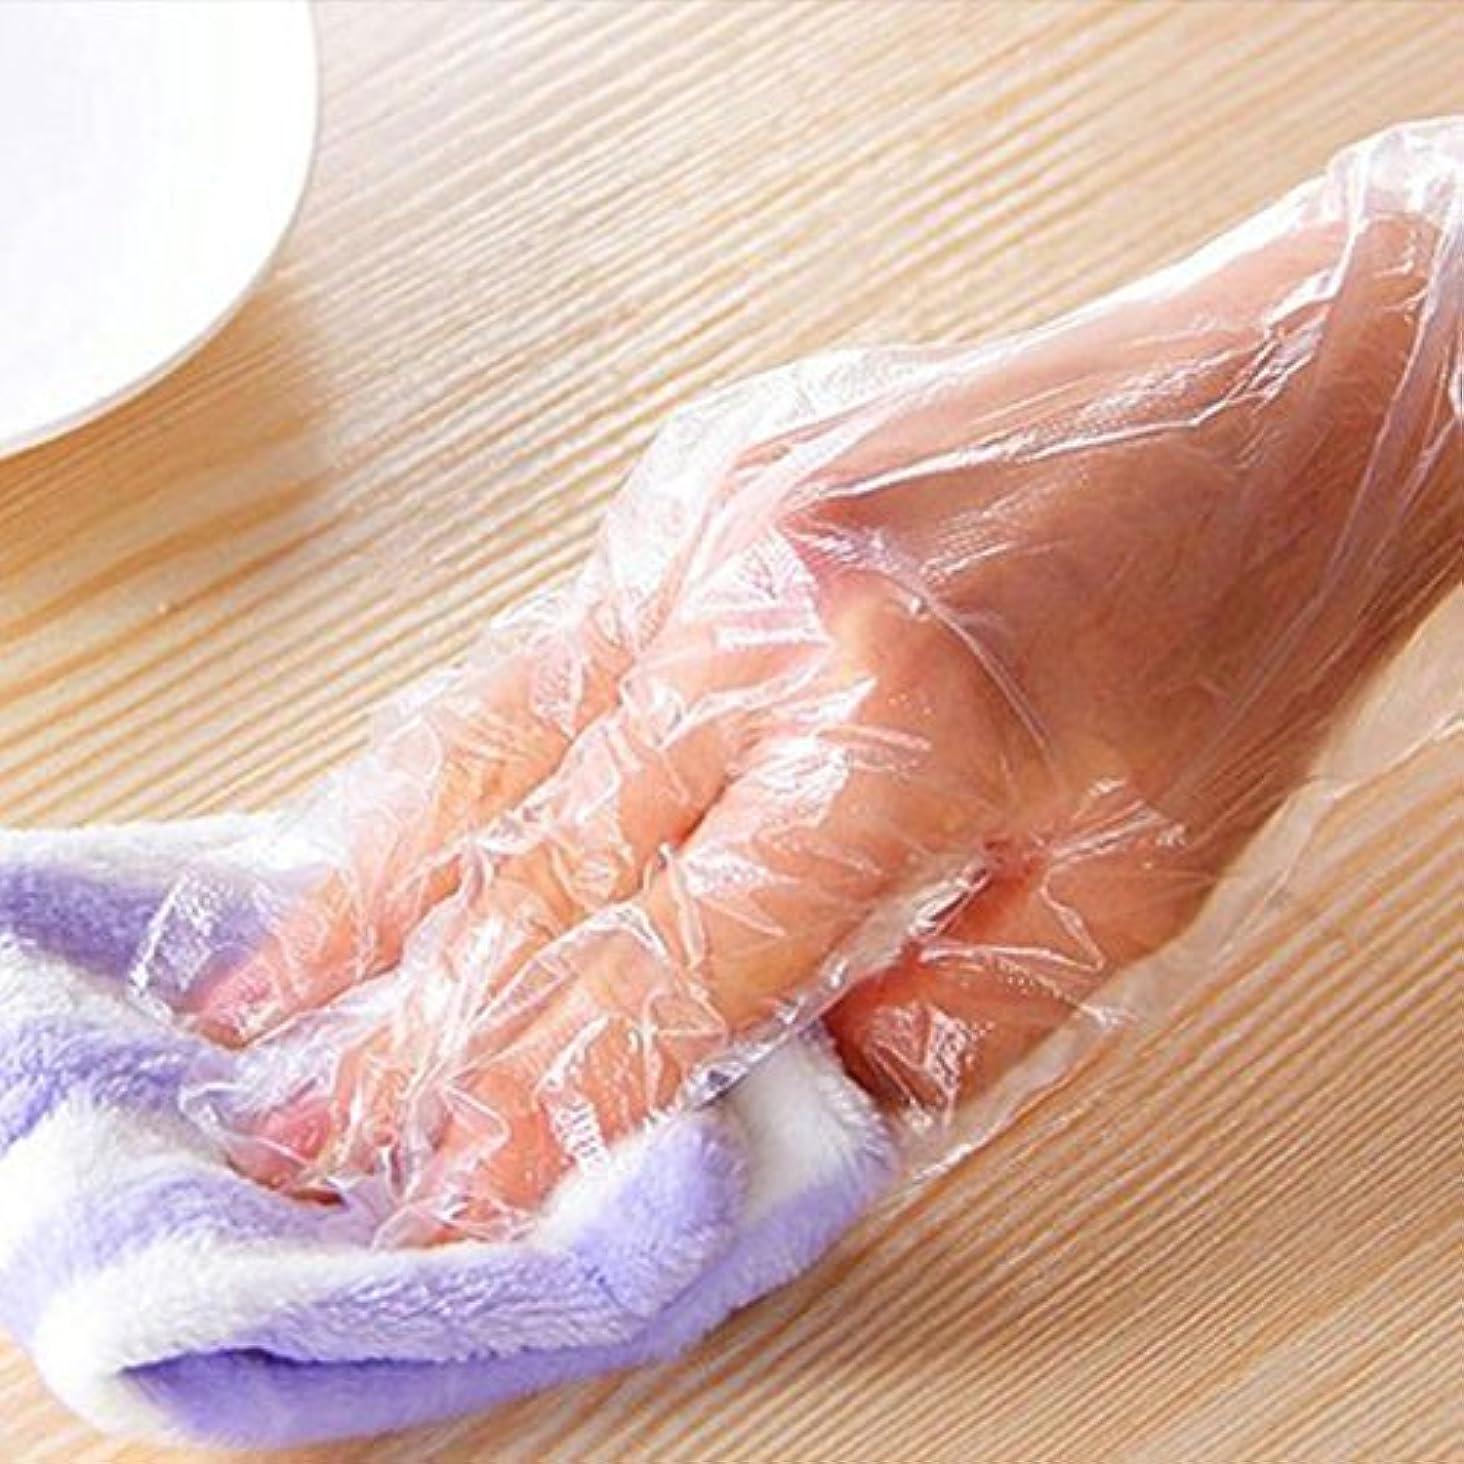 犬音節意欲Liebeye 使い捨て手袋 50枚セット 手袋 使い捨て クリア 透明 調理 掃除